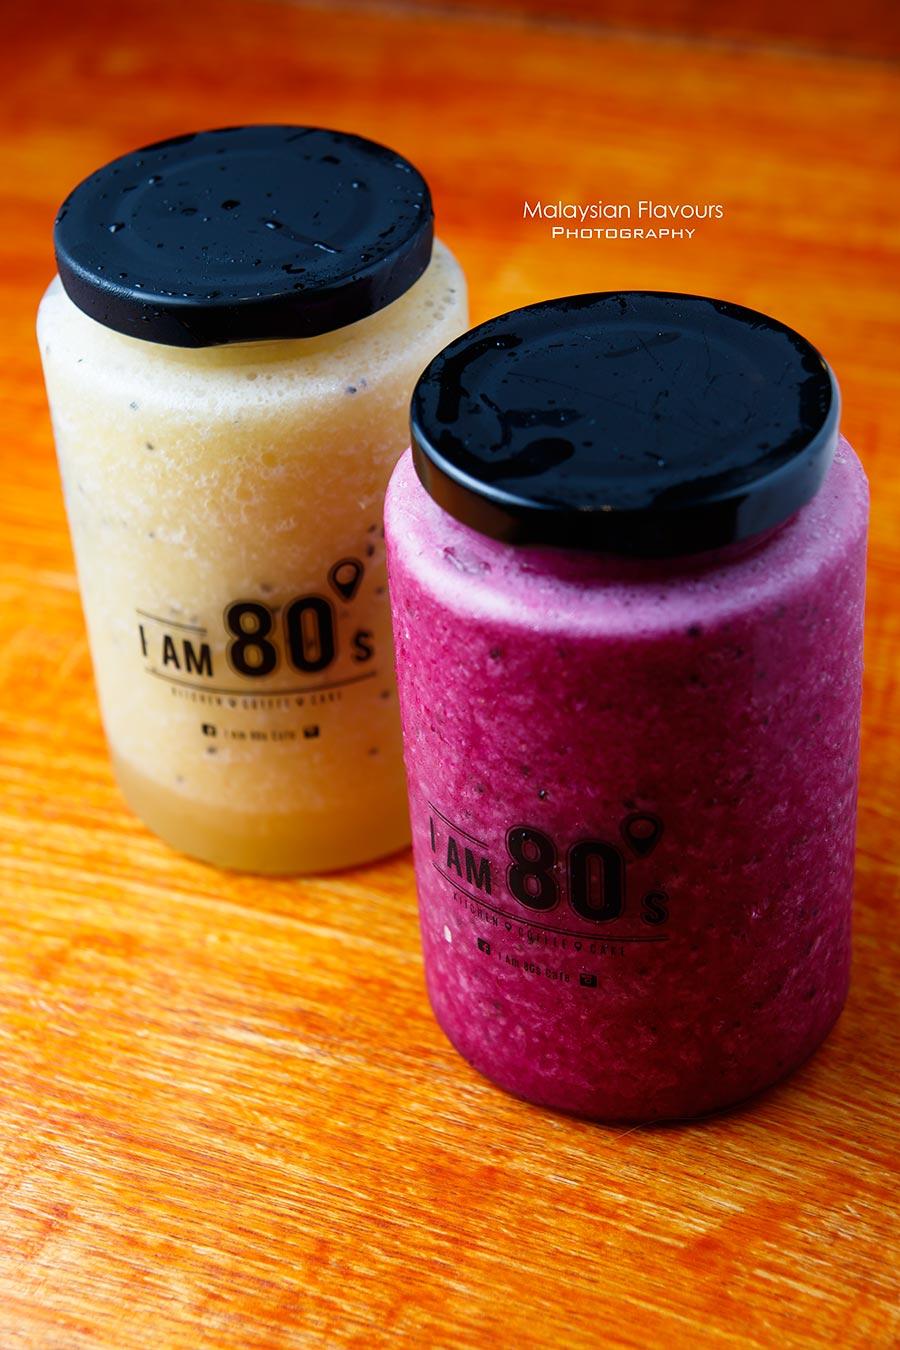 I Am 80s Cafe Taman Rasa Sayang mis berries dragon fruit